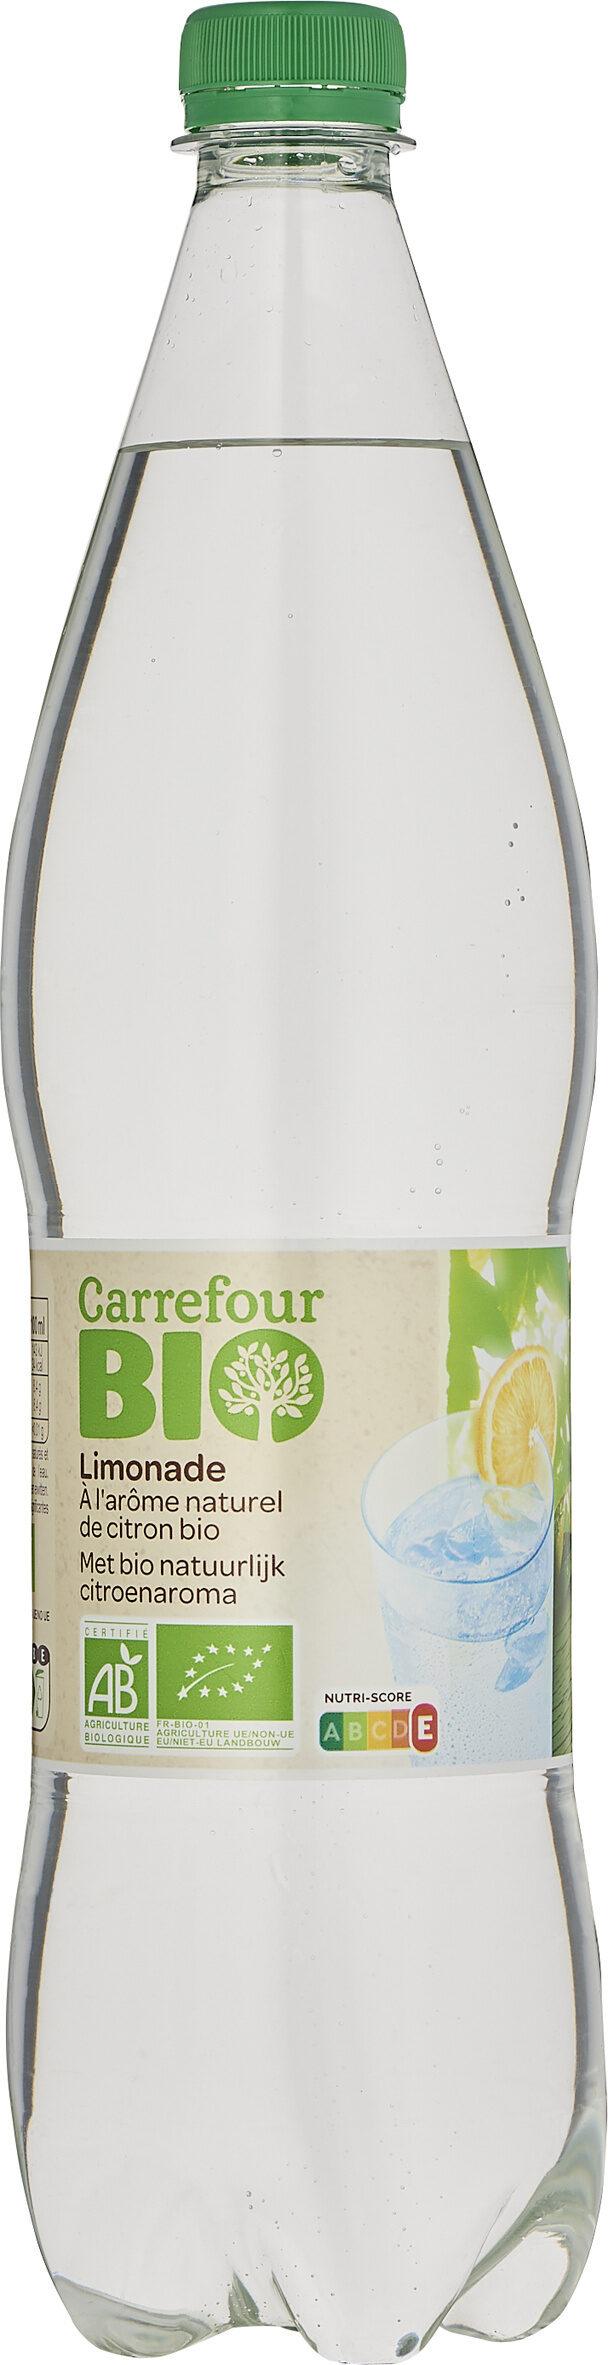 Carrefour BIO Limonade - Prodotto - fr